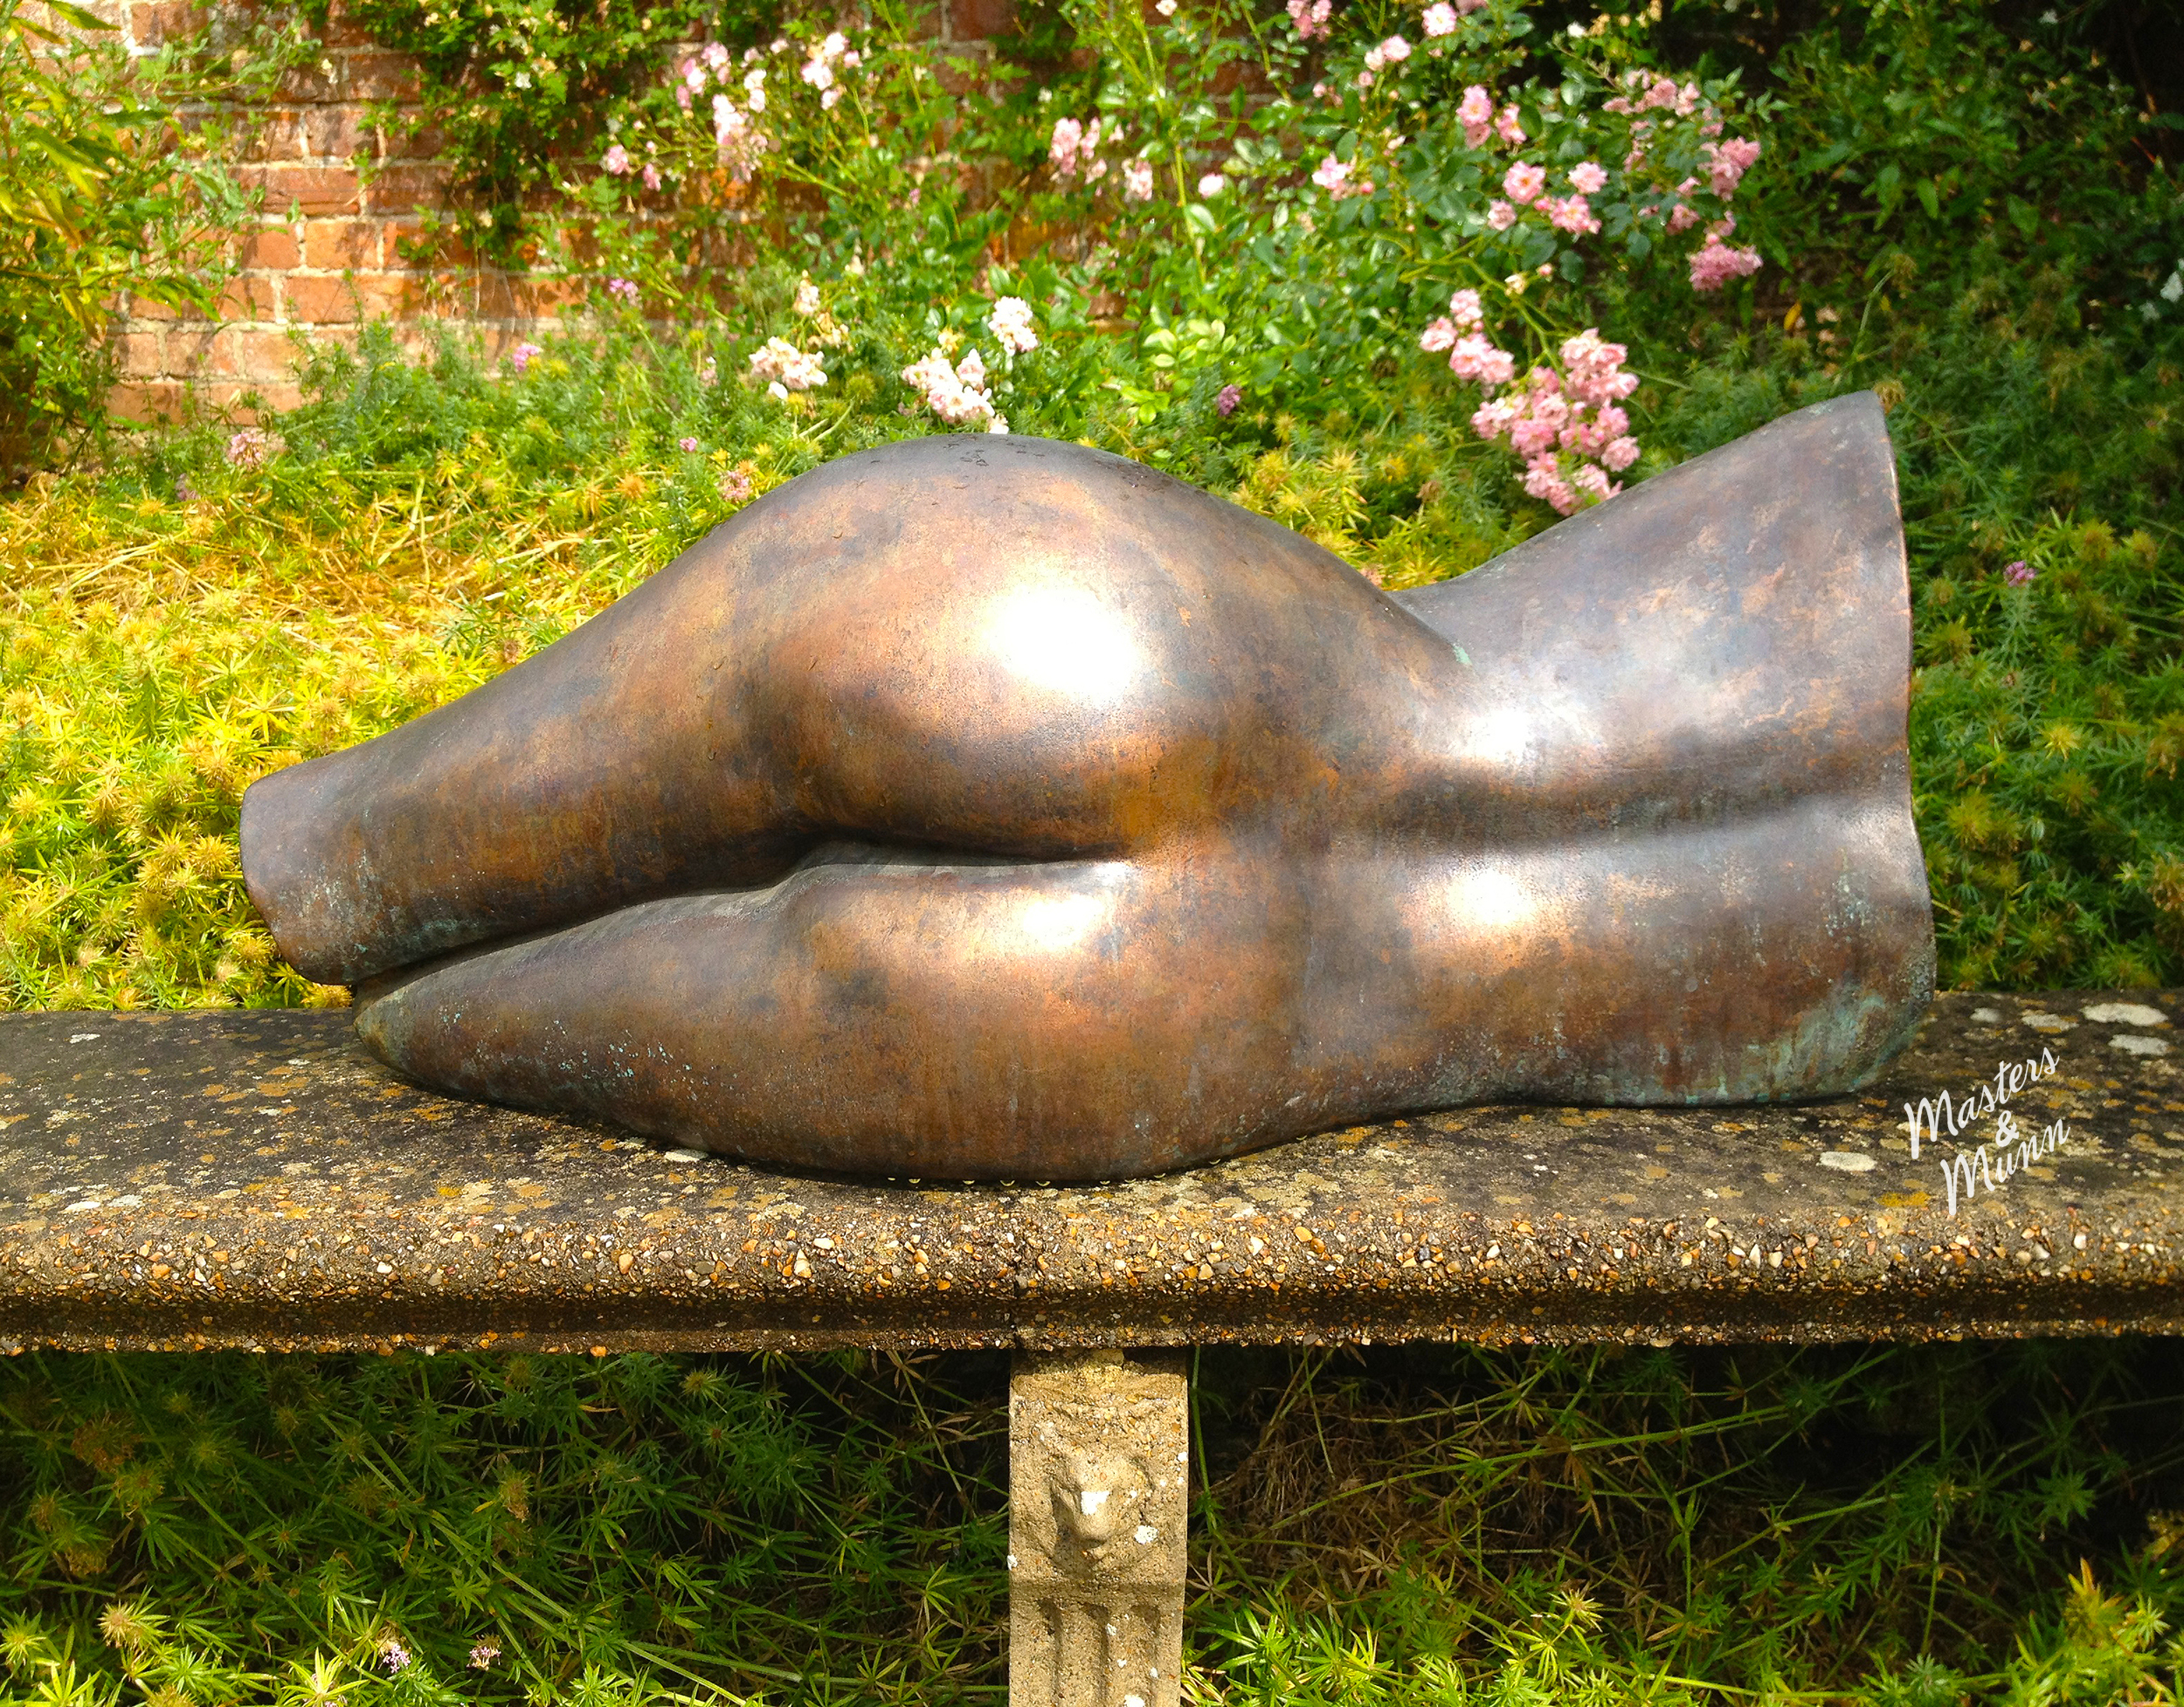 peach-garden-sculpture